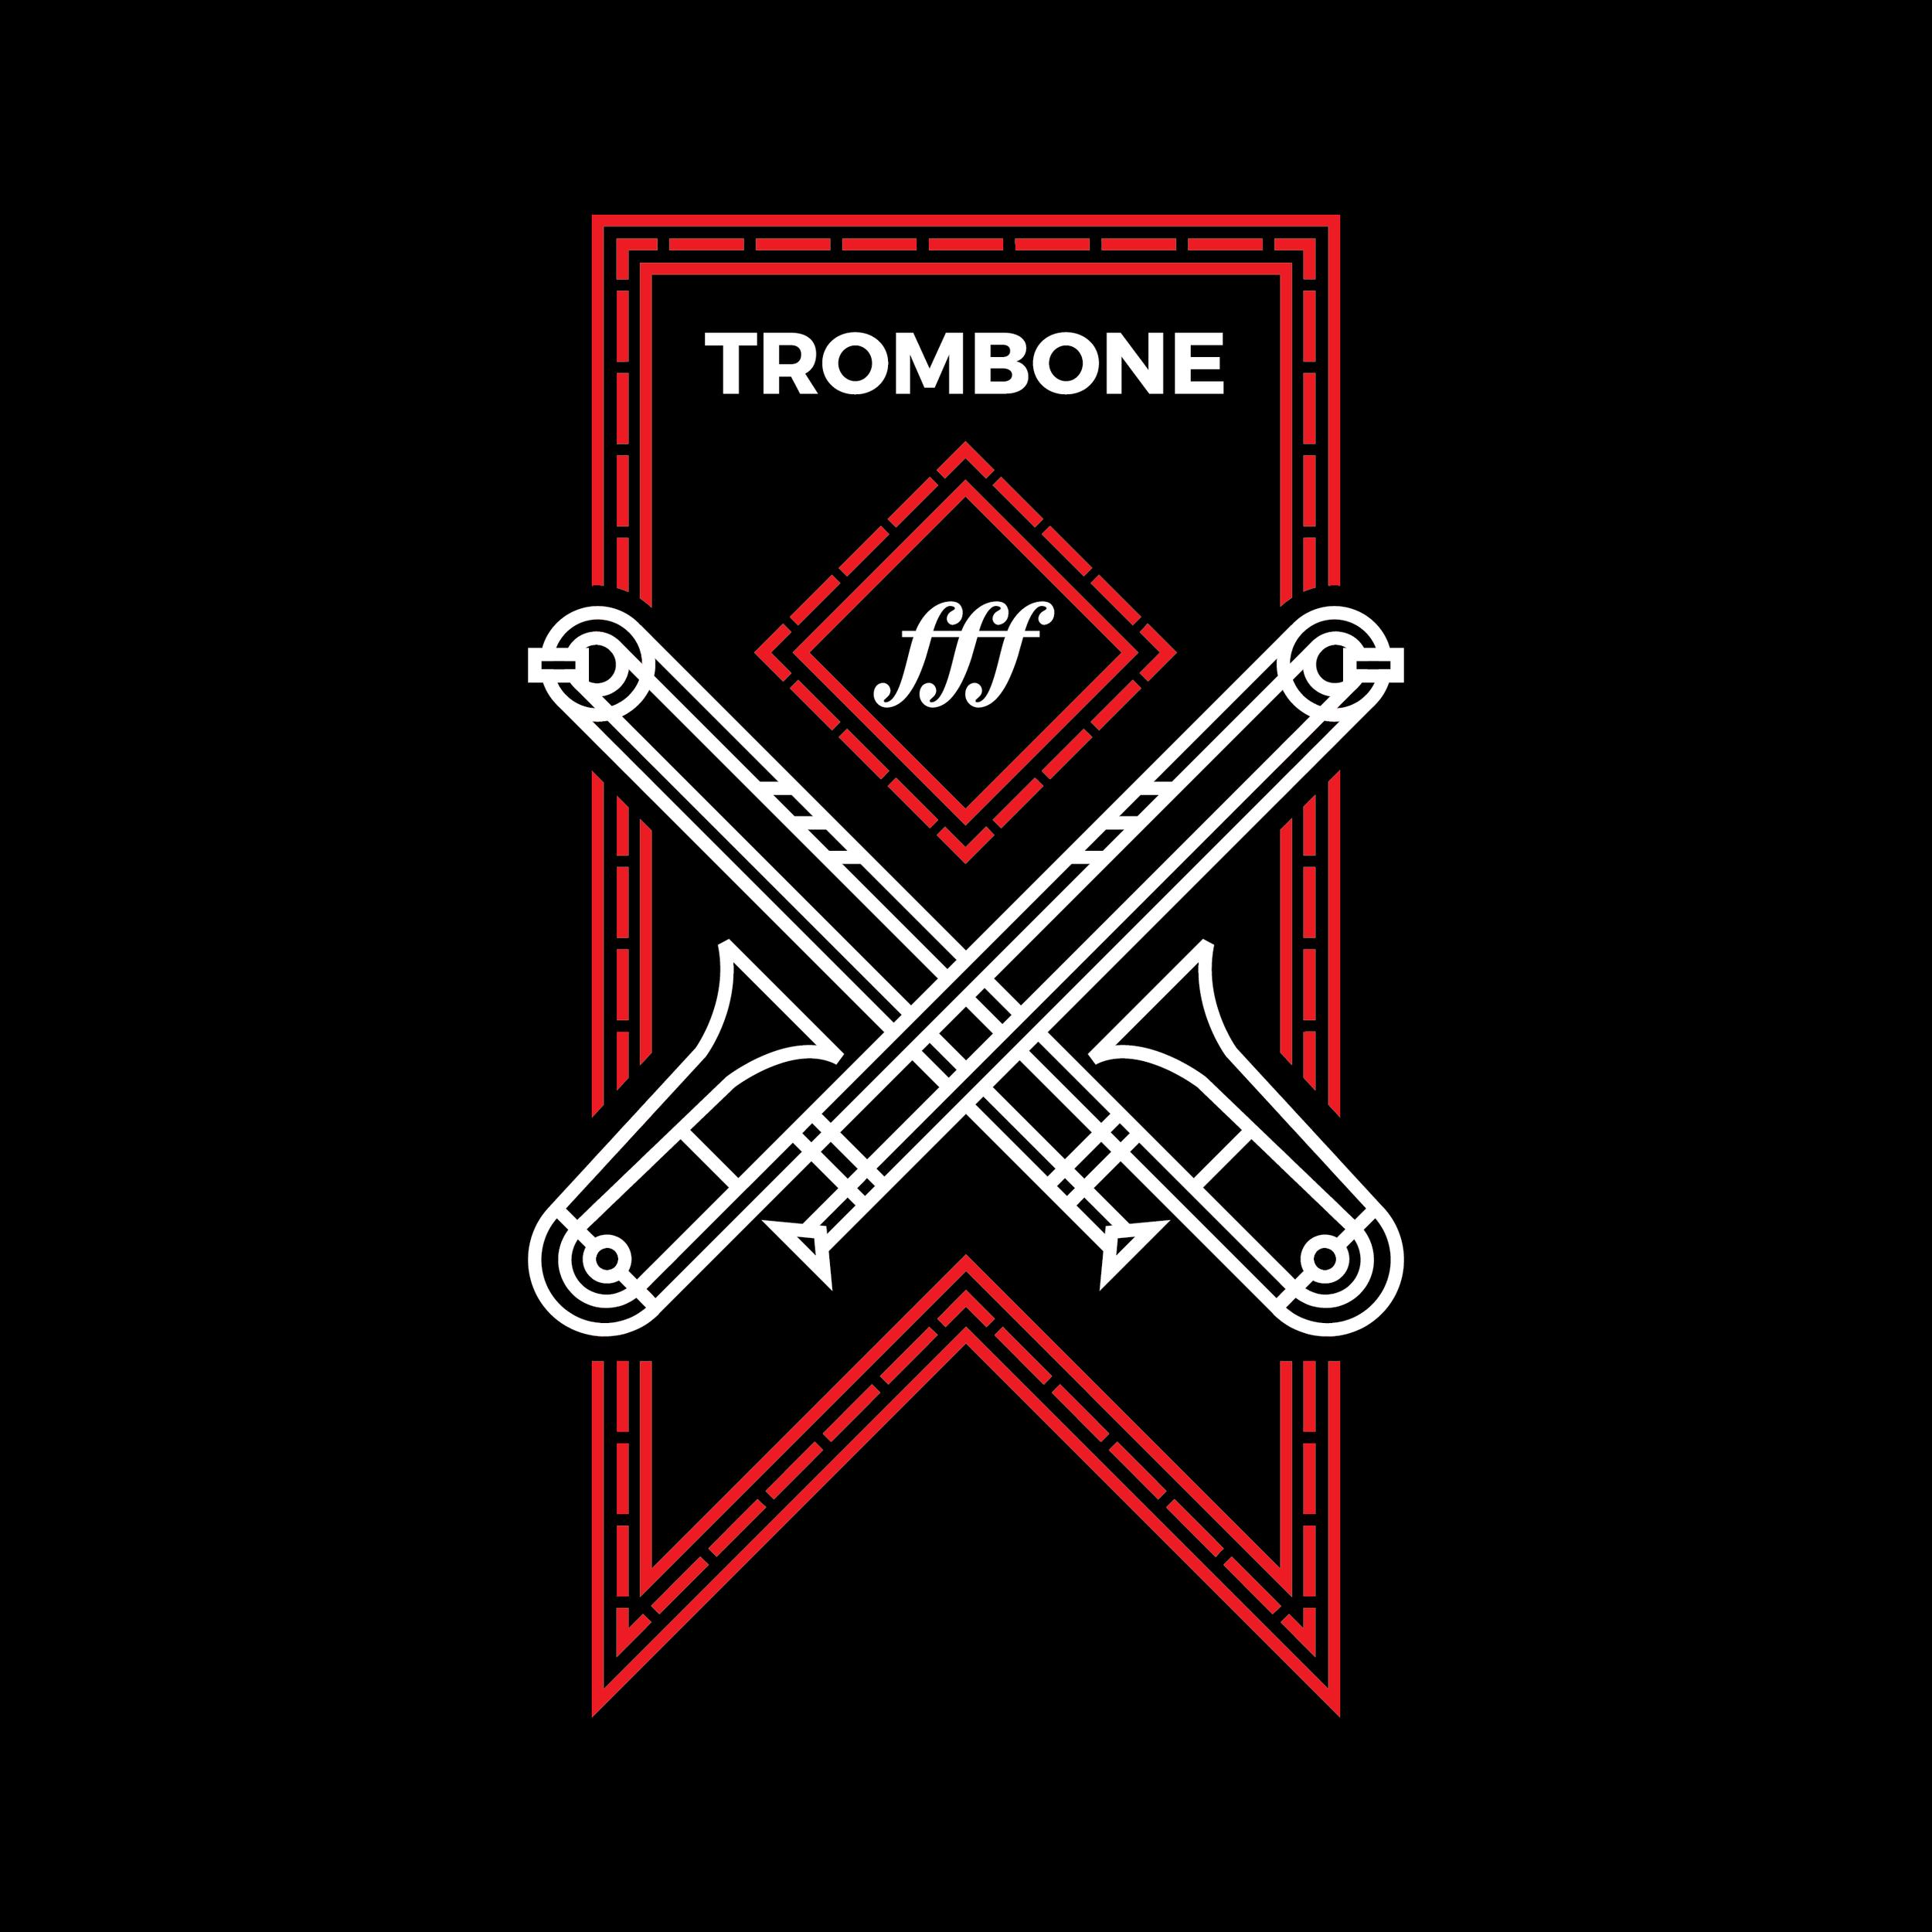 Trombone-01.png